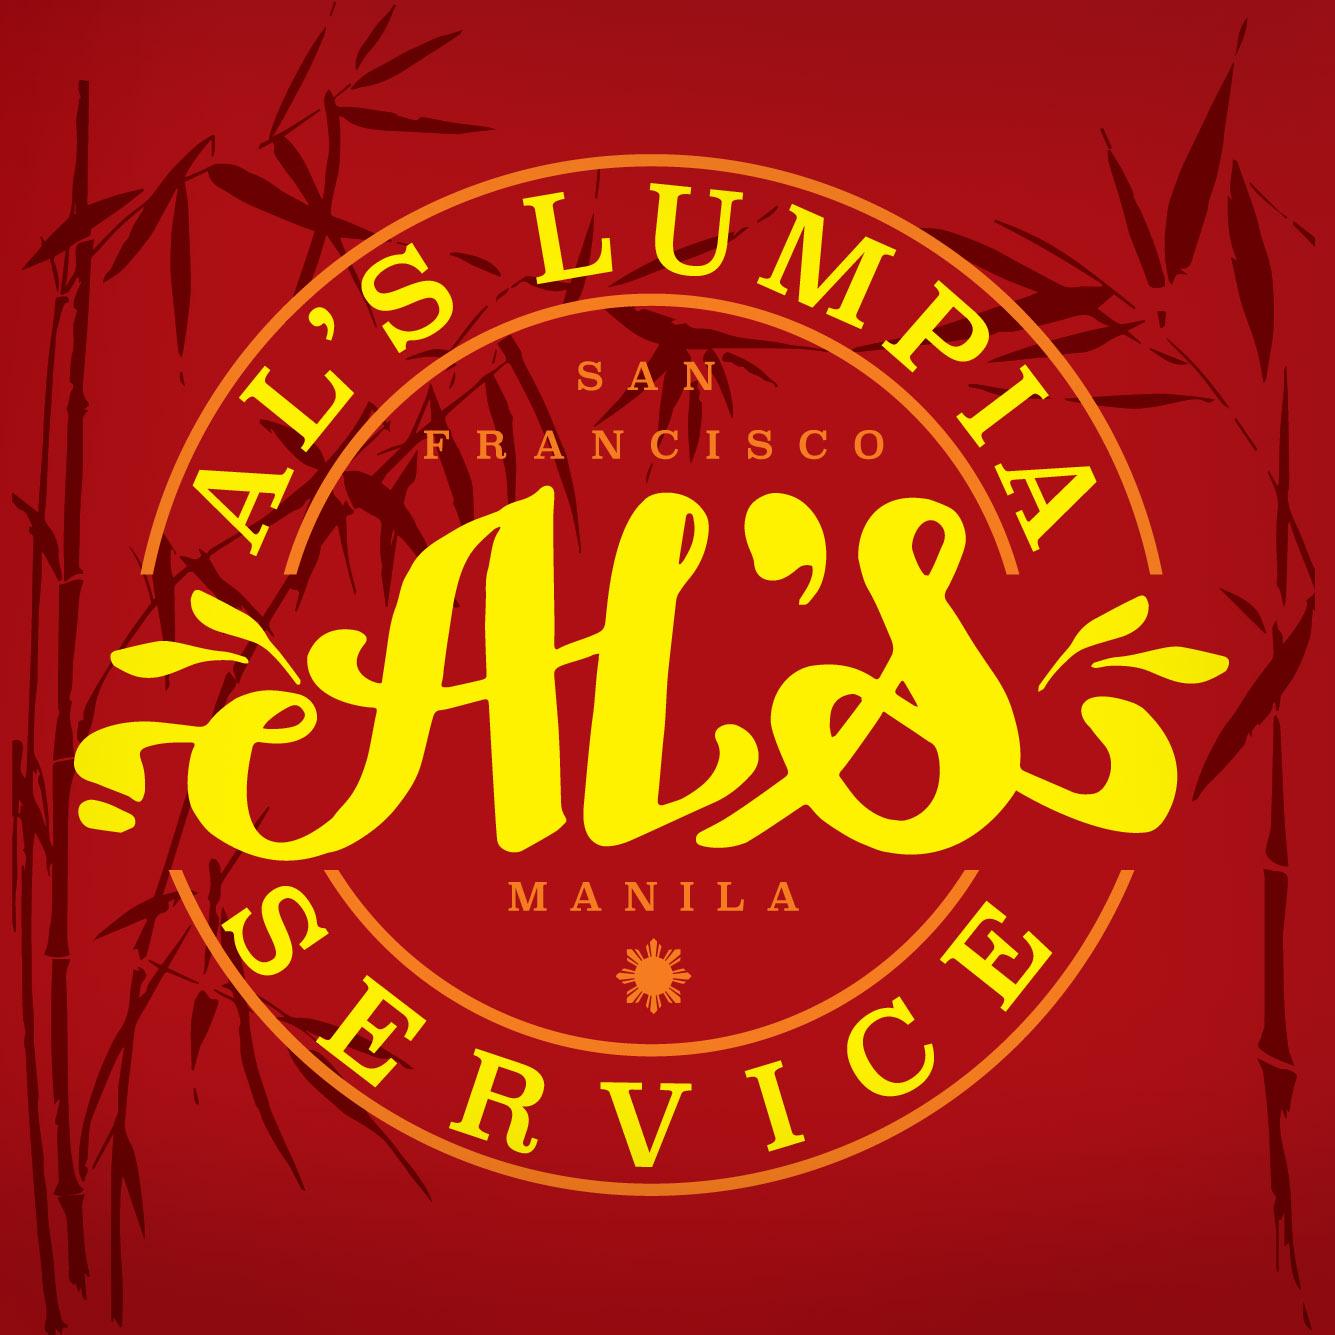 ALS_red (3).jpg